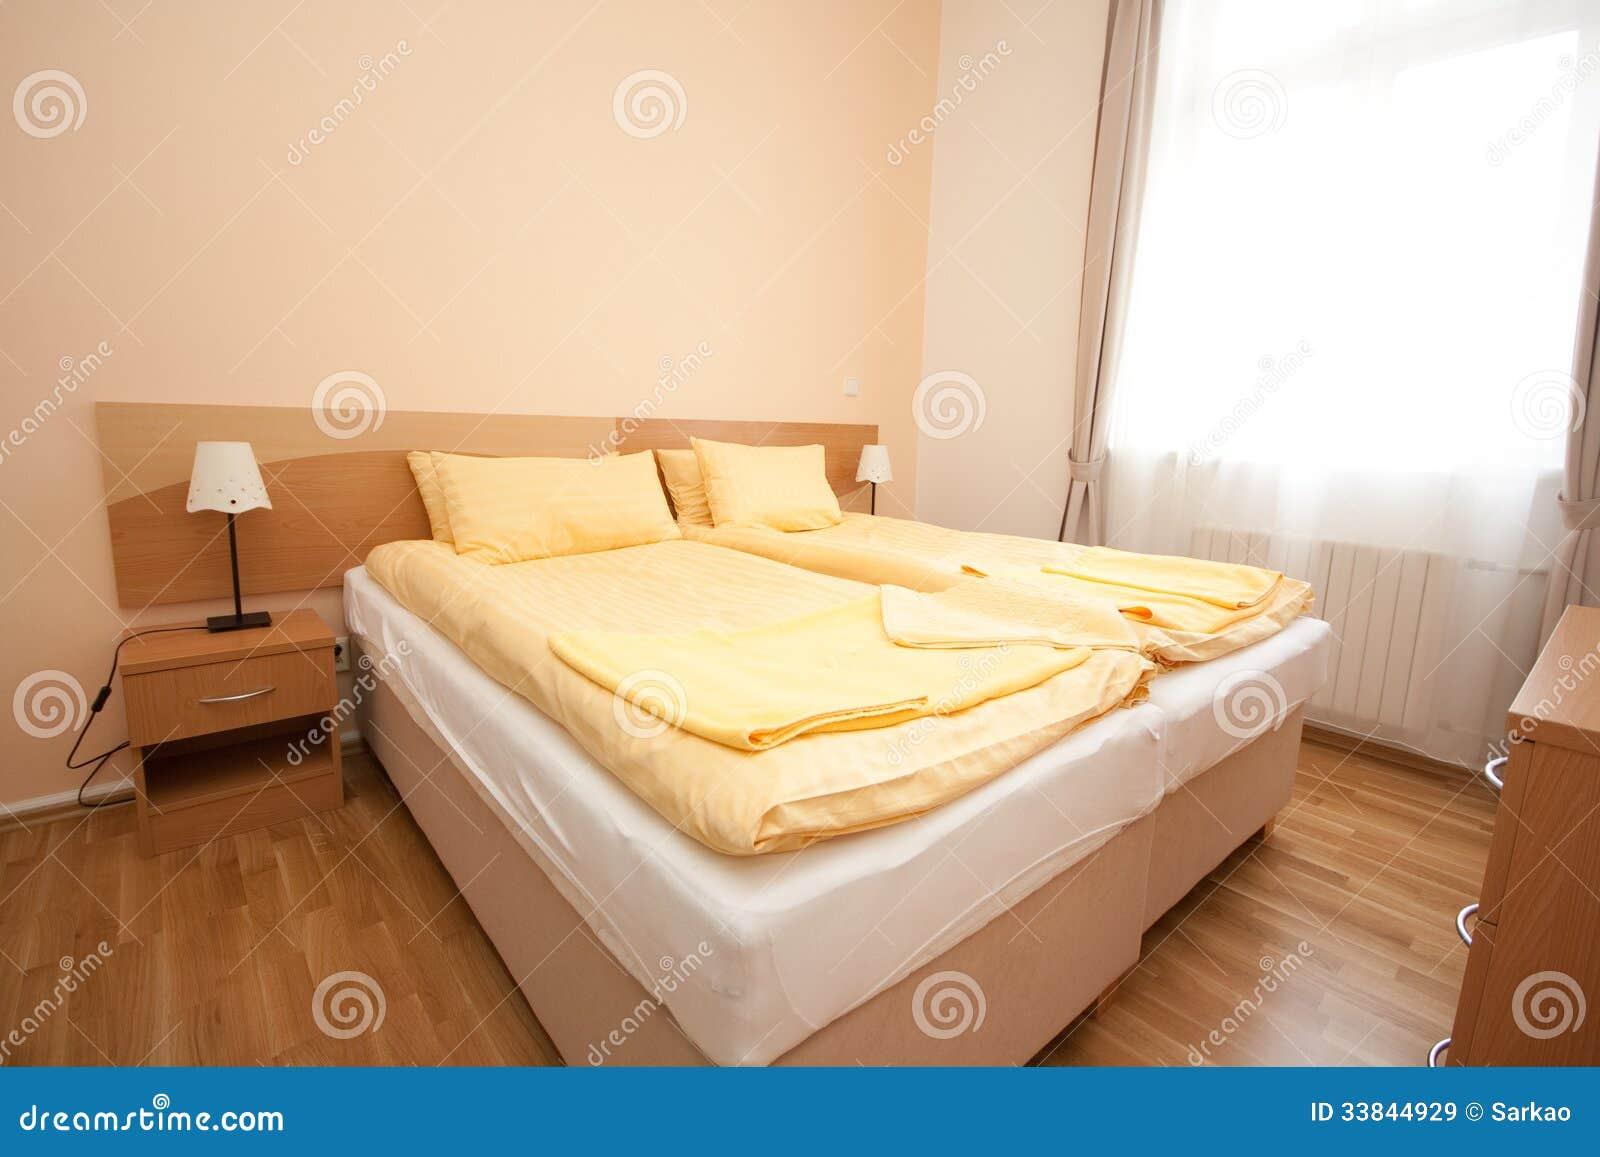 Fußboden Schlafzimmer ~ Einfaches schlafzimmer stockbild. bild von fenster fußboden 33844929